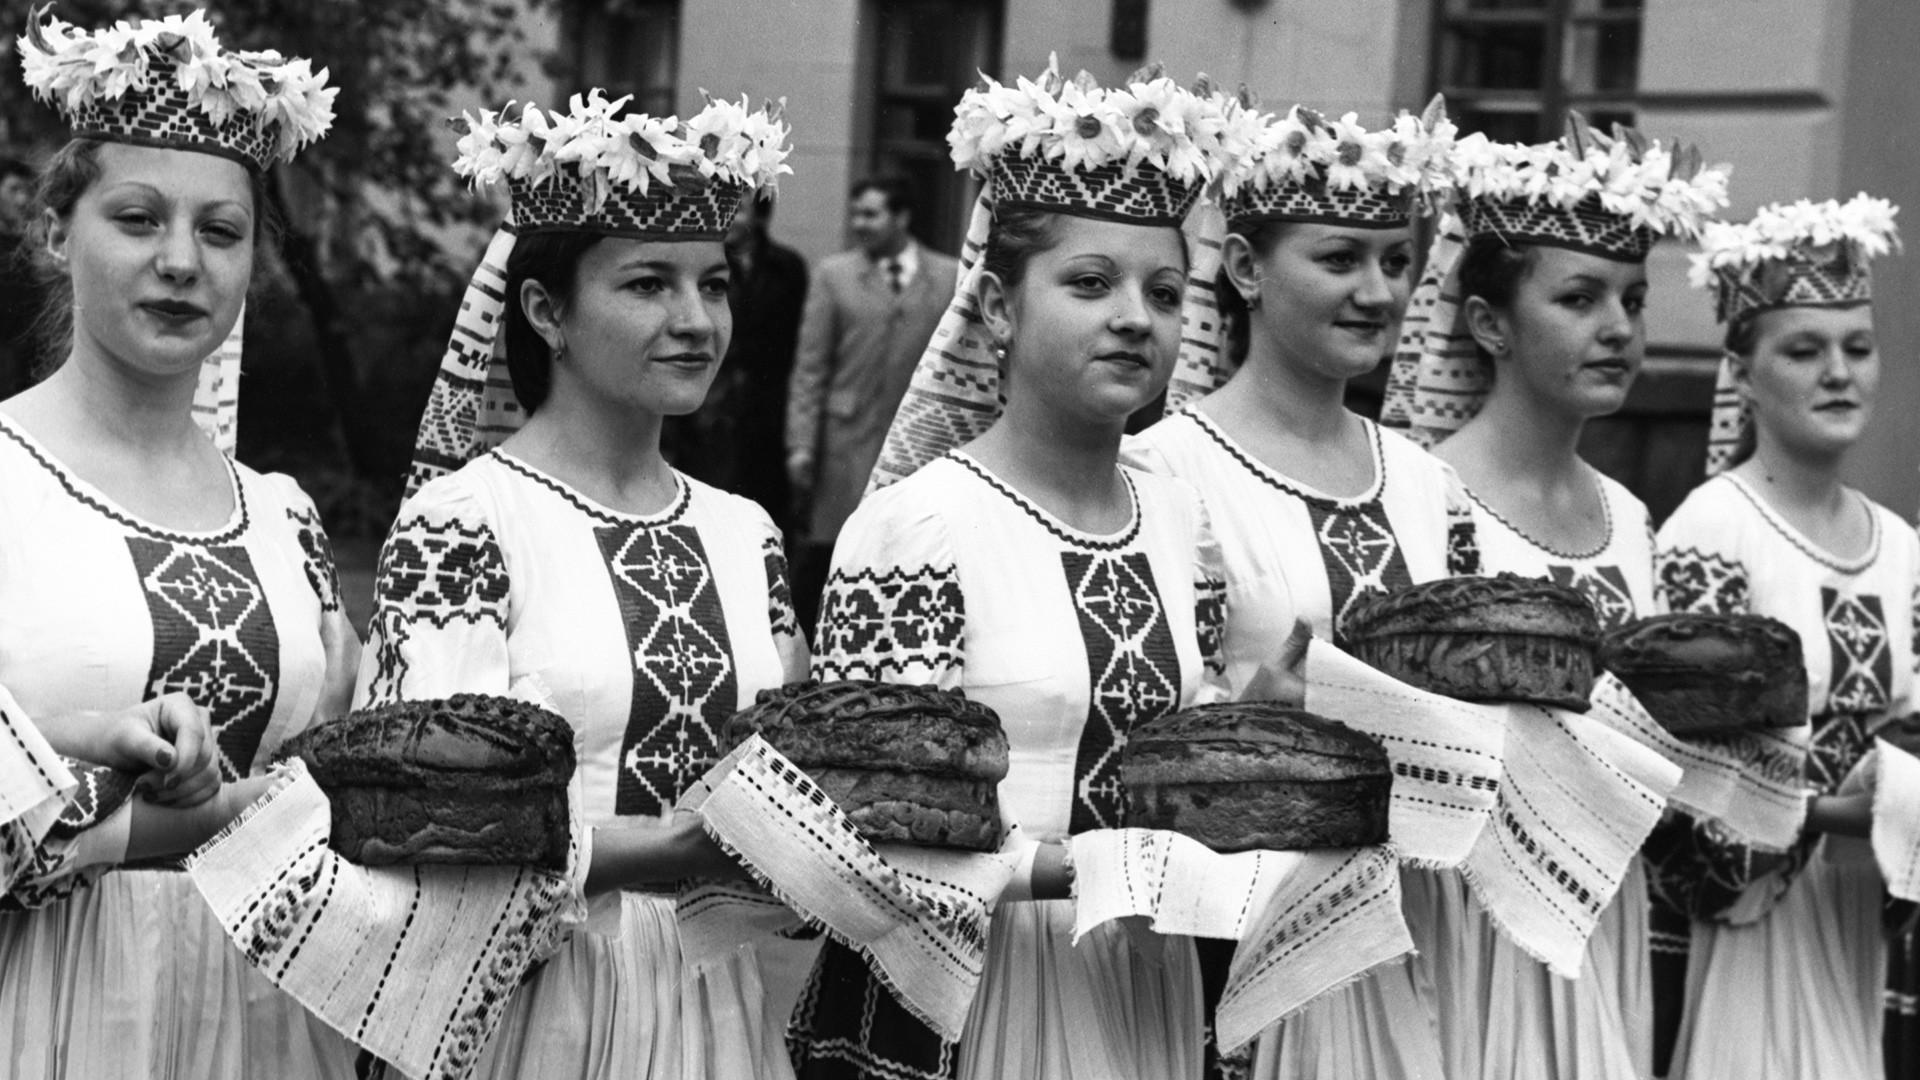 Célébration de la fin des moissons, en Biélorussie, 1987